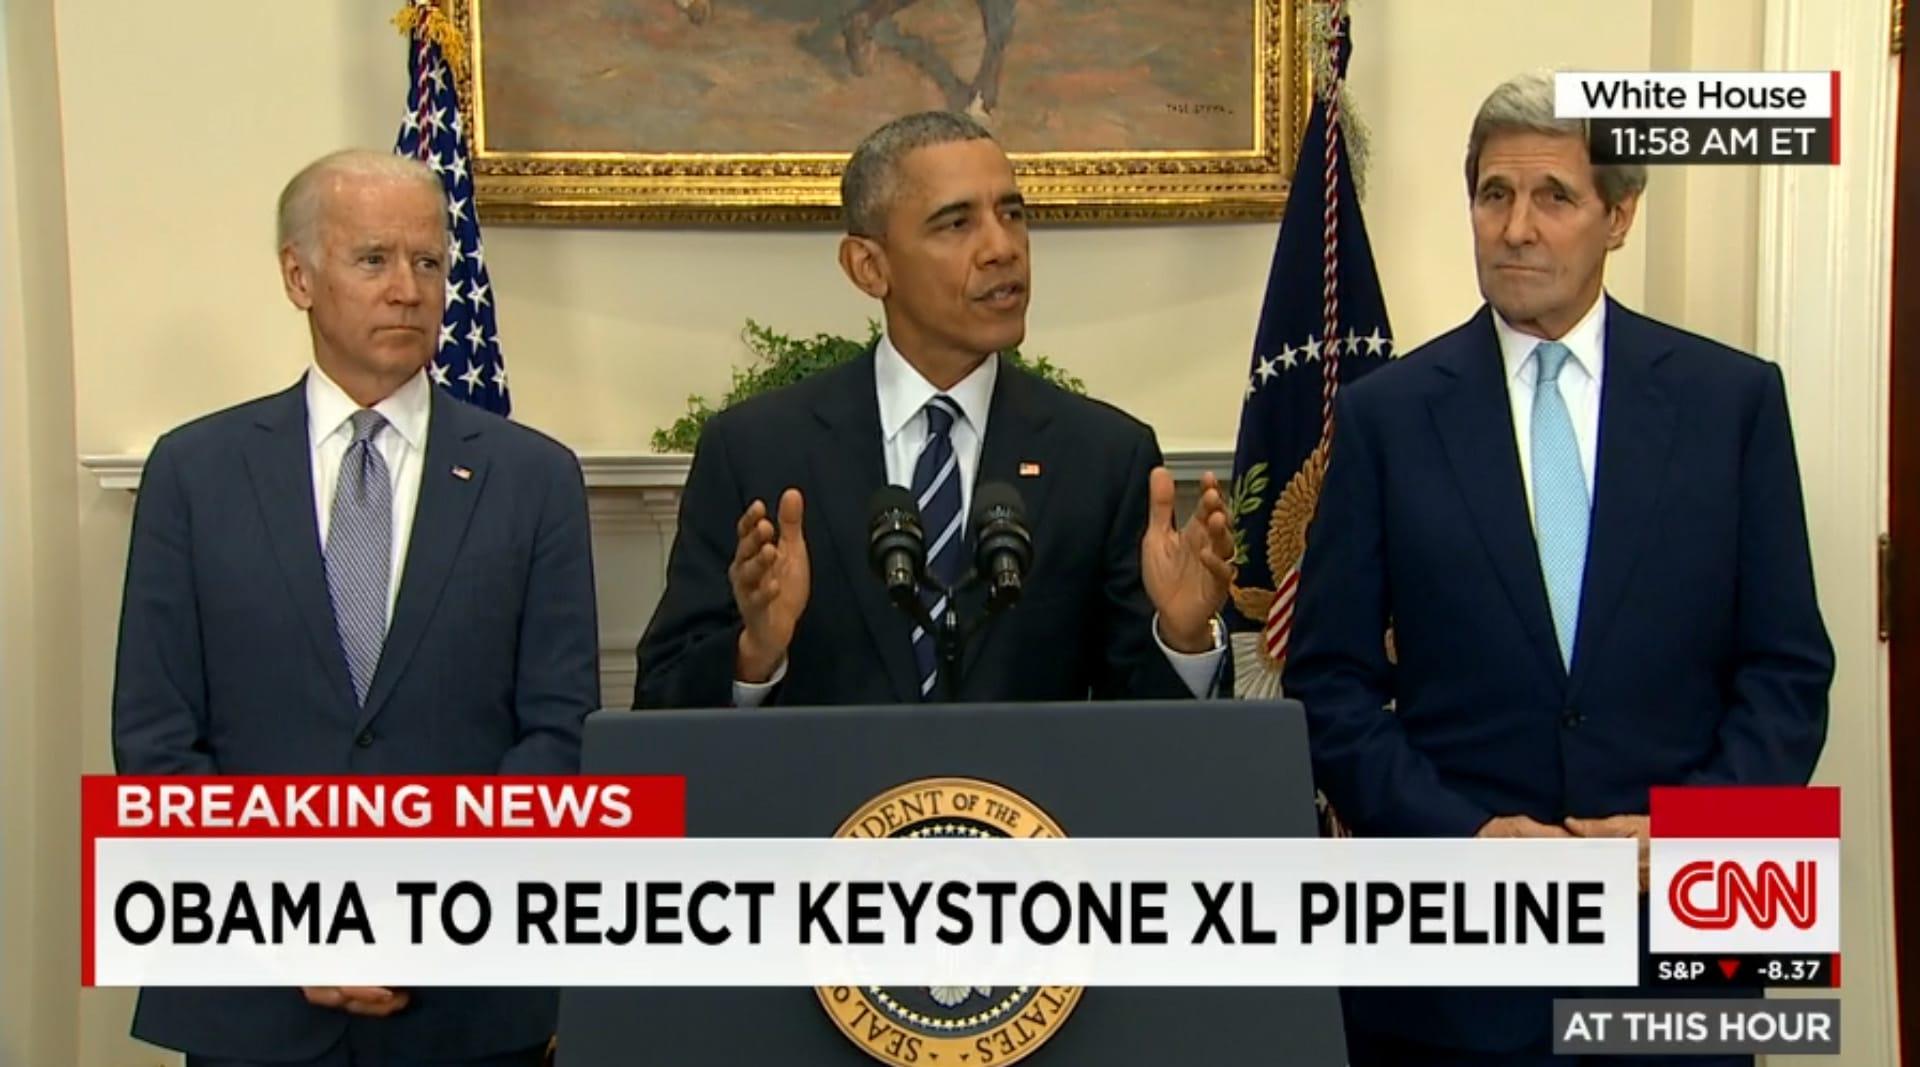 أوباما يرفض خط أنابيب نفط من كندا.. ويؤكد: الموافقة عليه تقوض قيادة أمريكا لمكافحة تغير المناخ